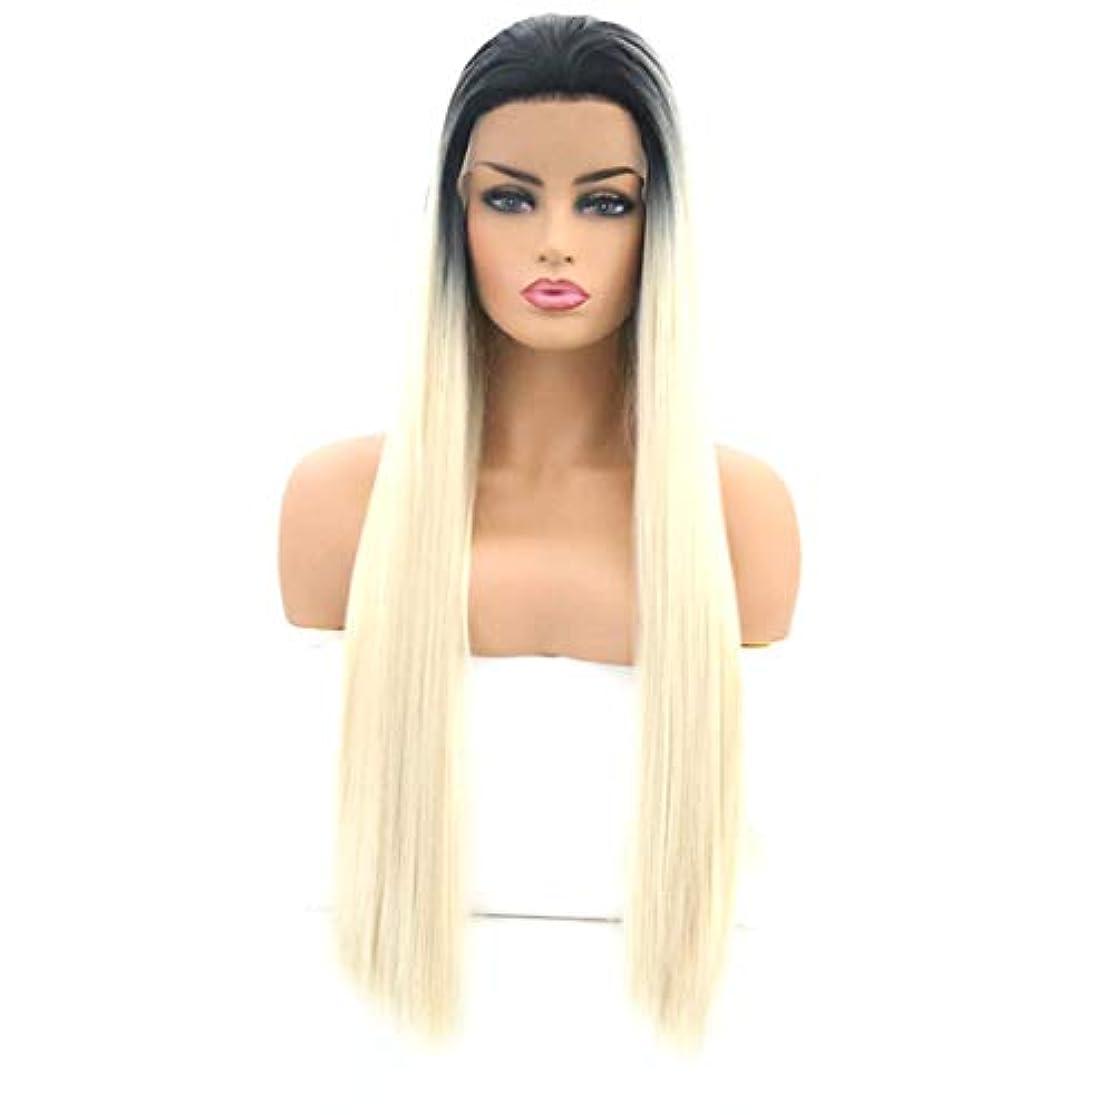 ブルジョンカスケード変化するSummerys 女性のためのロングストレートヘアウィッグフロントレース高温シルクウィッグセット (Size : 26 inches)